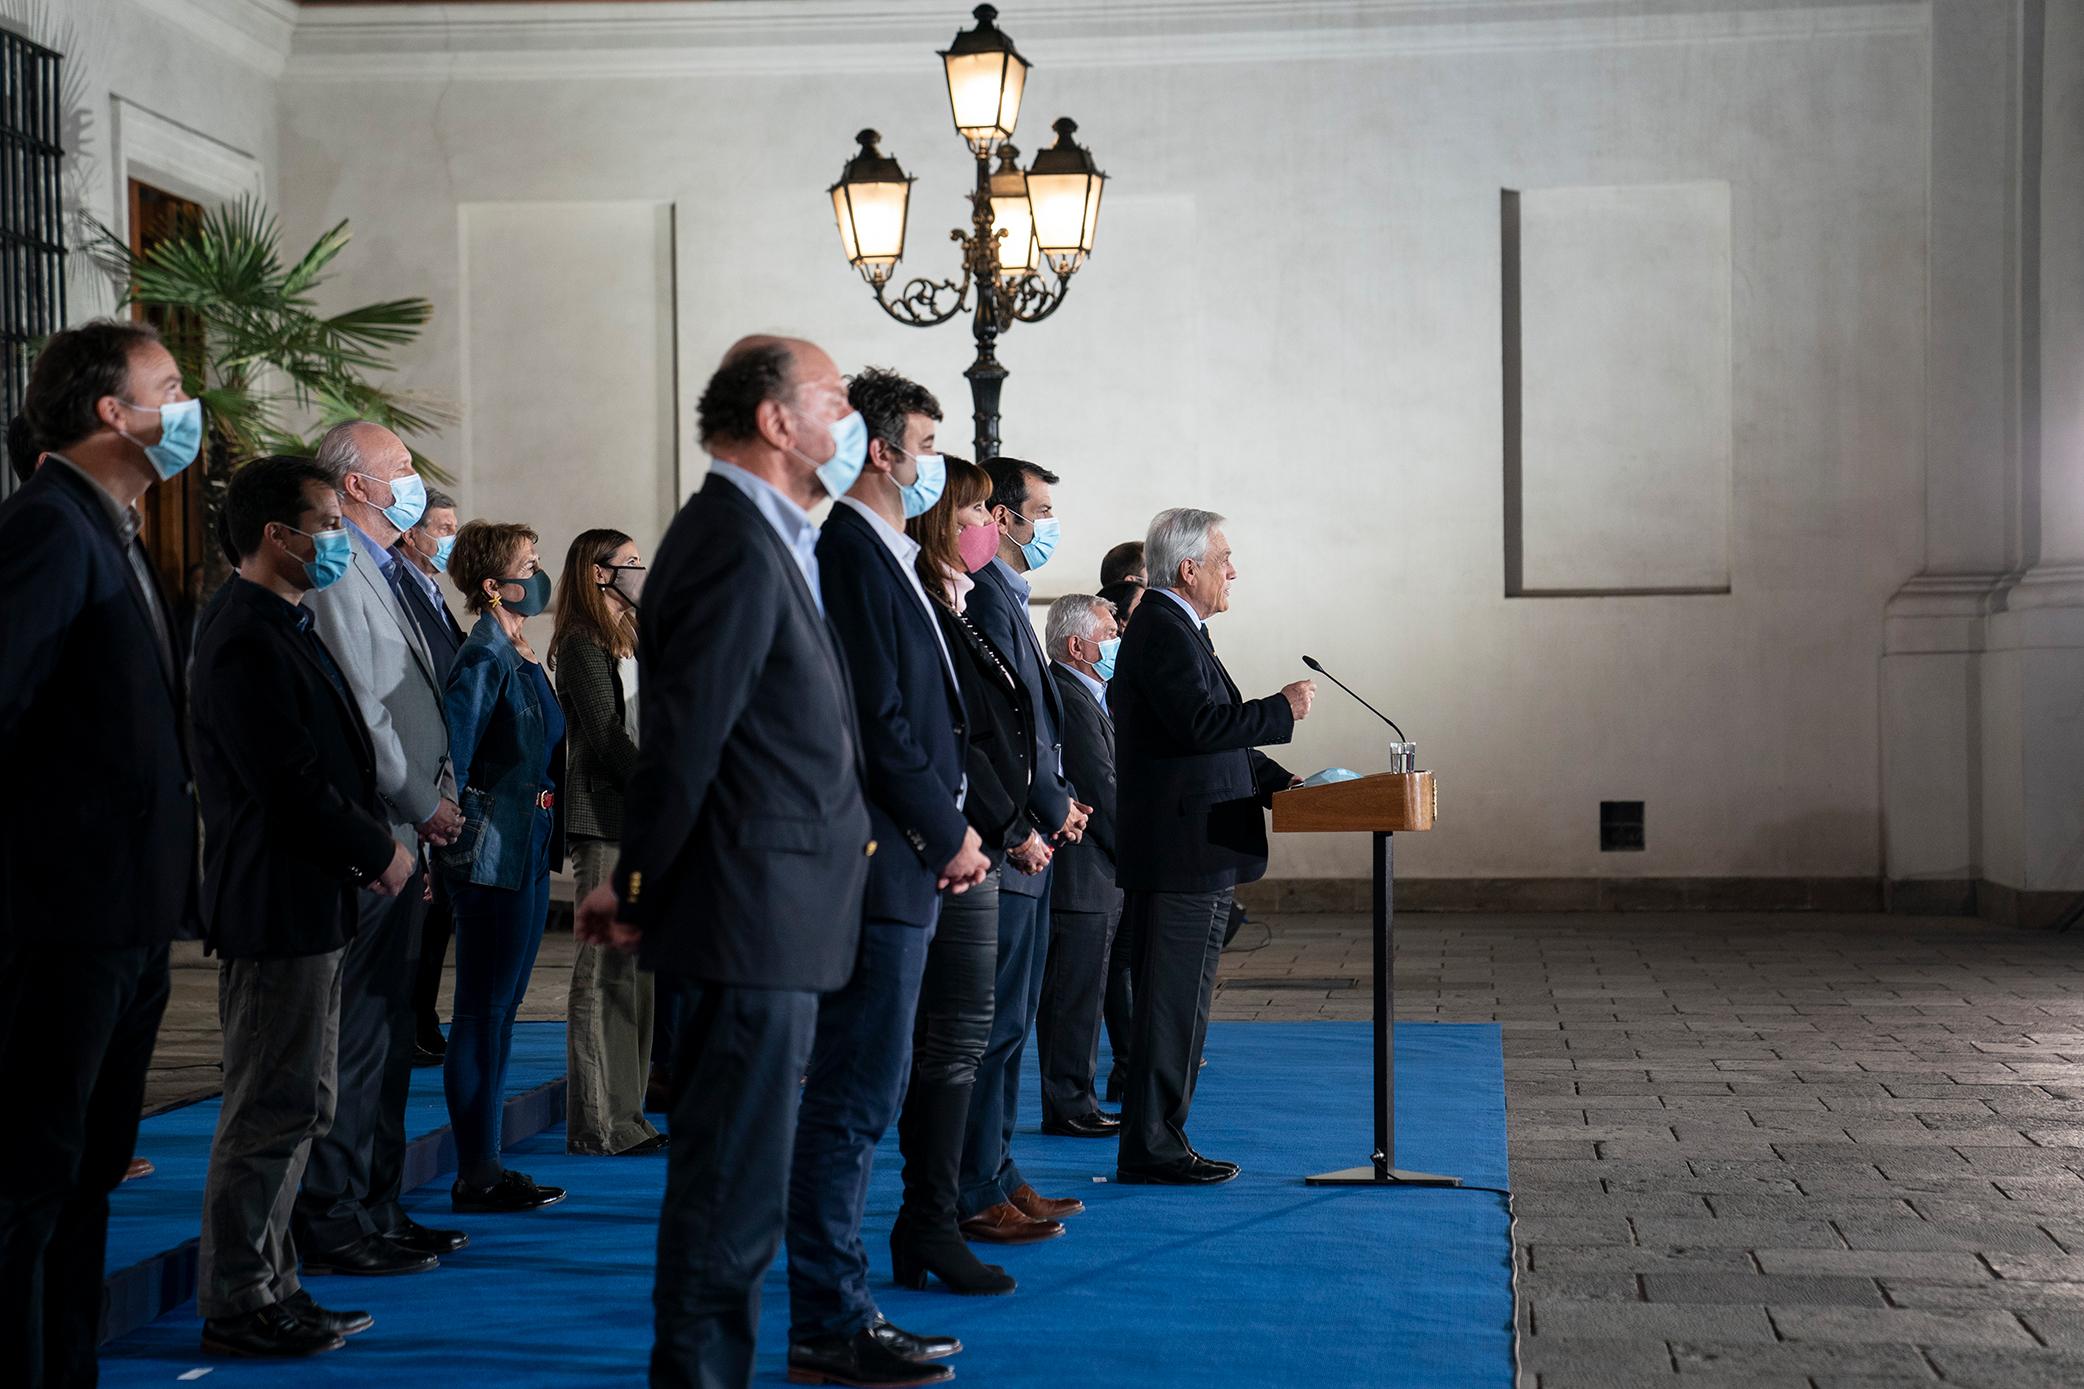 """Desde el Palacio de la Moneda el presidente de Chile Sebastián Piñera destaca la elección democrática realizada el último fin de semana en su país y señala que los resultados han sido un claro mensaje para el Gobierno y las fuerzas políticas tradicionales de que no estaban en """"sintonía"""" con las demandas de toda la ciudadanía."""